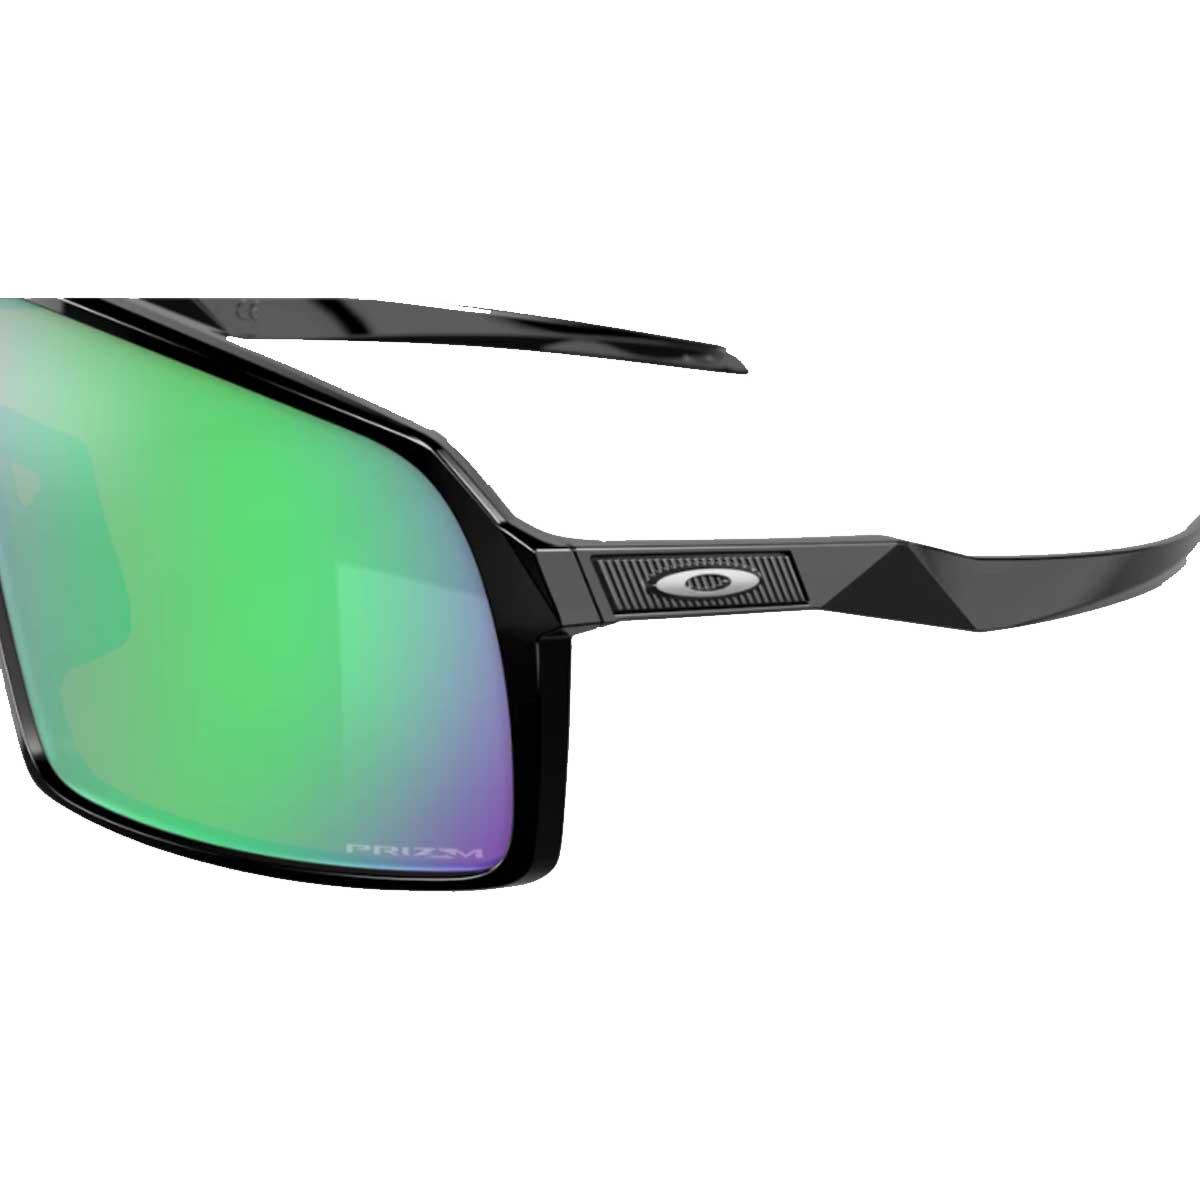 Oculos Para Ciclismo Oakley Sutro Lite Preto Fosco com Lente Prizm Road Jade Espelhada Verde